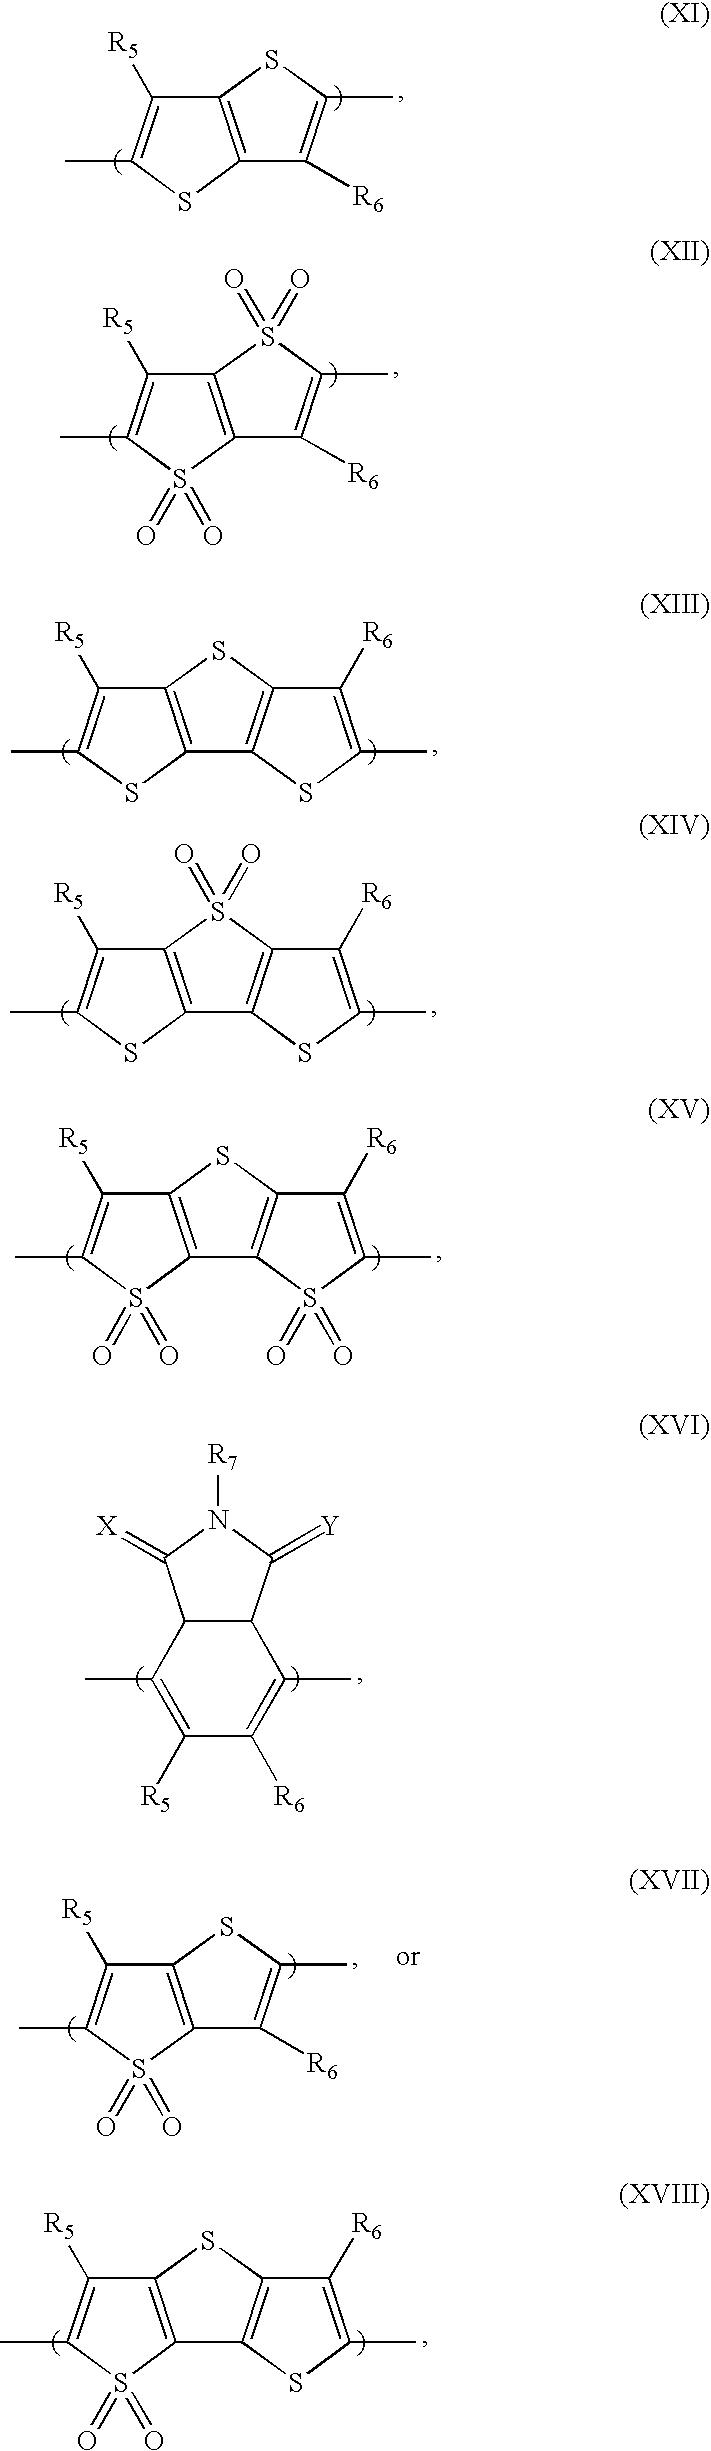 Figure US20100180944A1-20100722-C00004